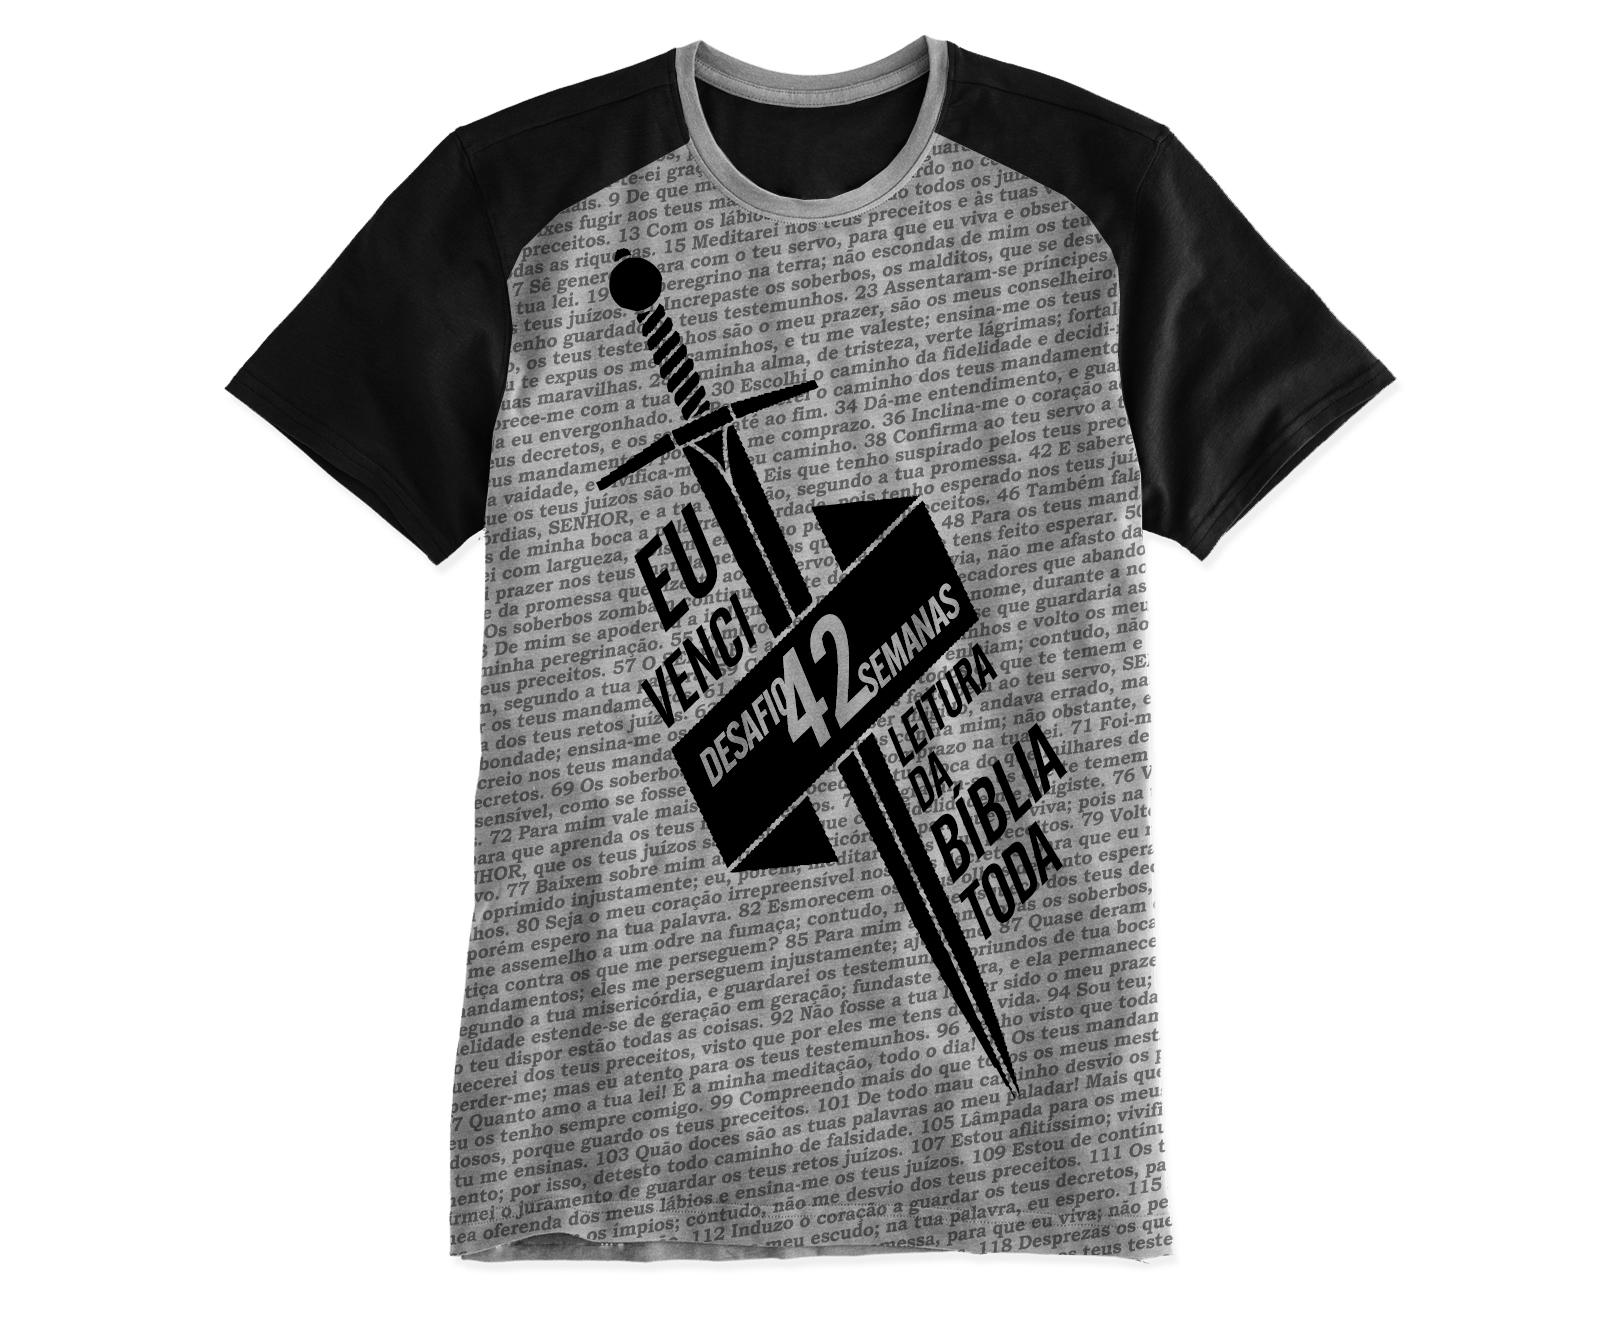 camiseta_42_semanas